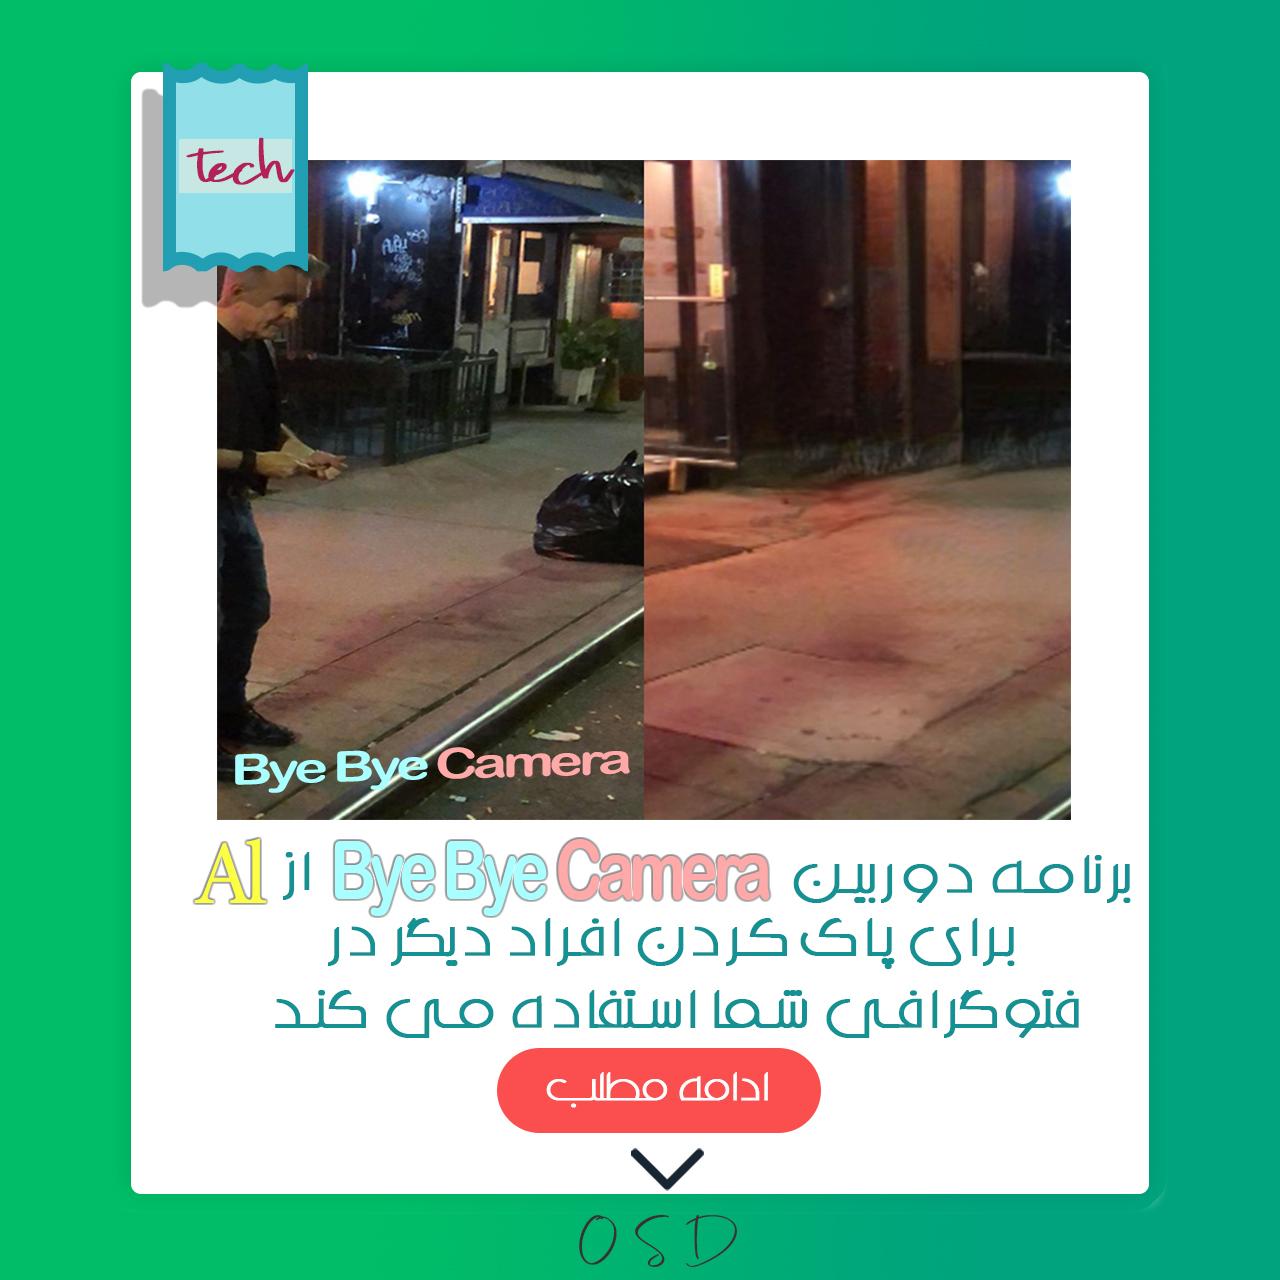 برنامه دوربین bye bye camera از al برای پاک کردن افراد دیگر در  فتوگرافی شما استفاده می کند